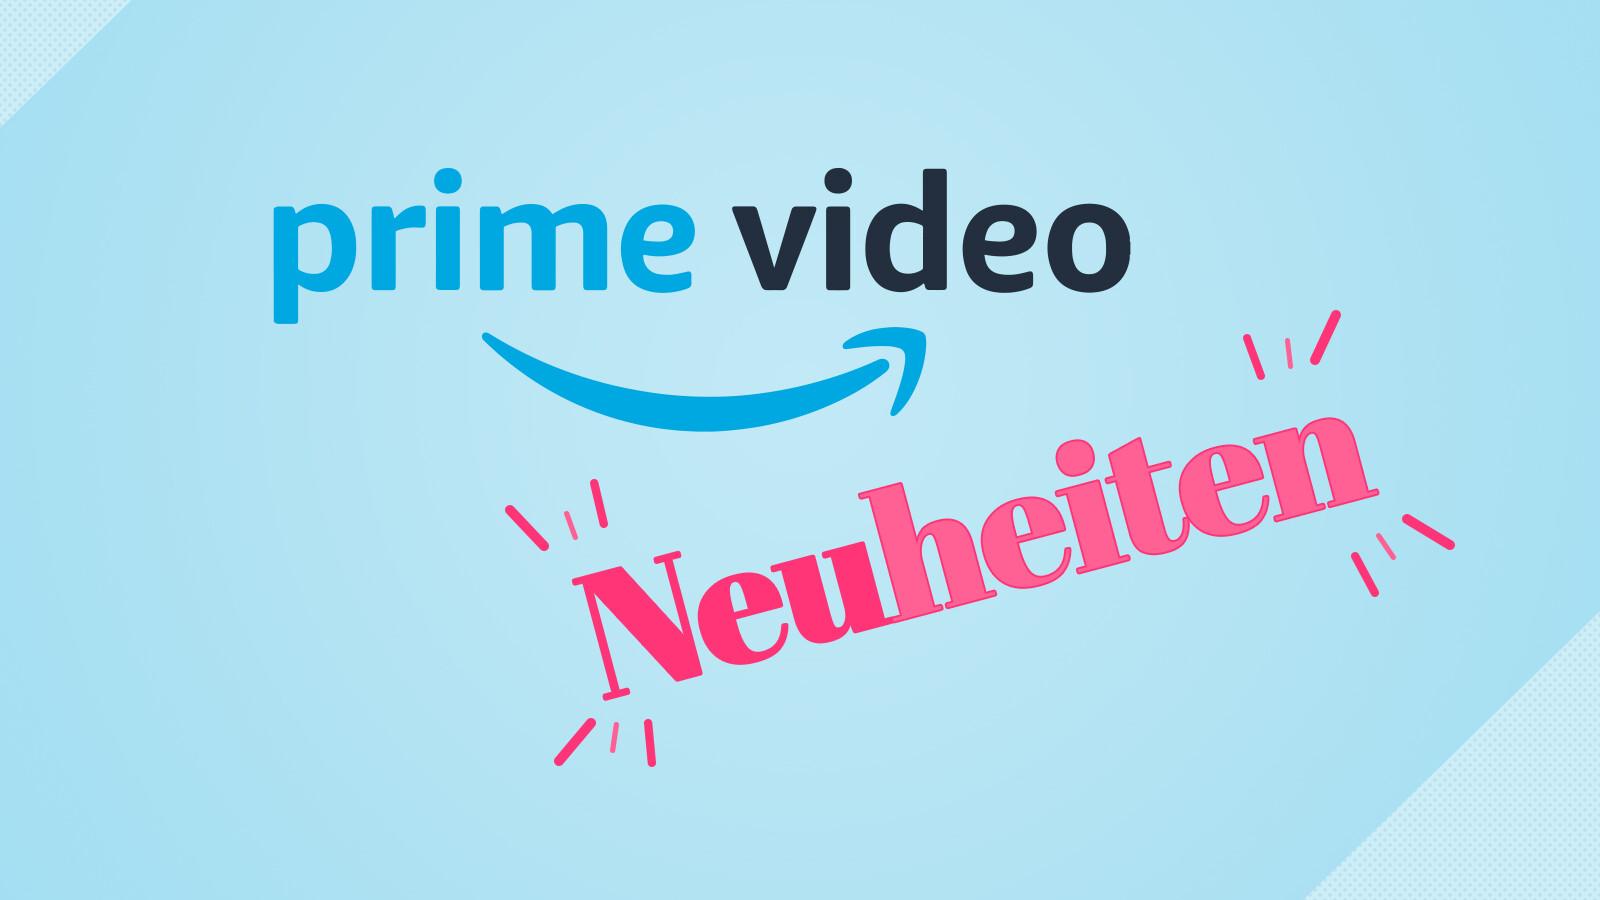 Amazon Prime Video Neuerscheinungen: Das sind die neuen Serien und Filme beim Streamingdienst